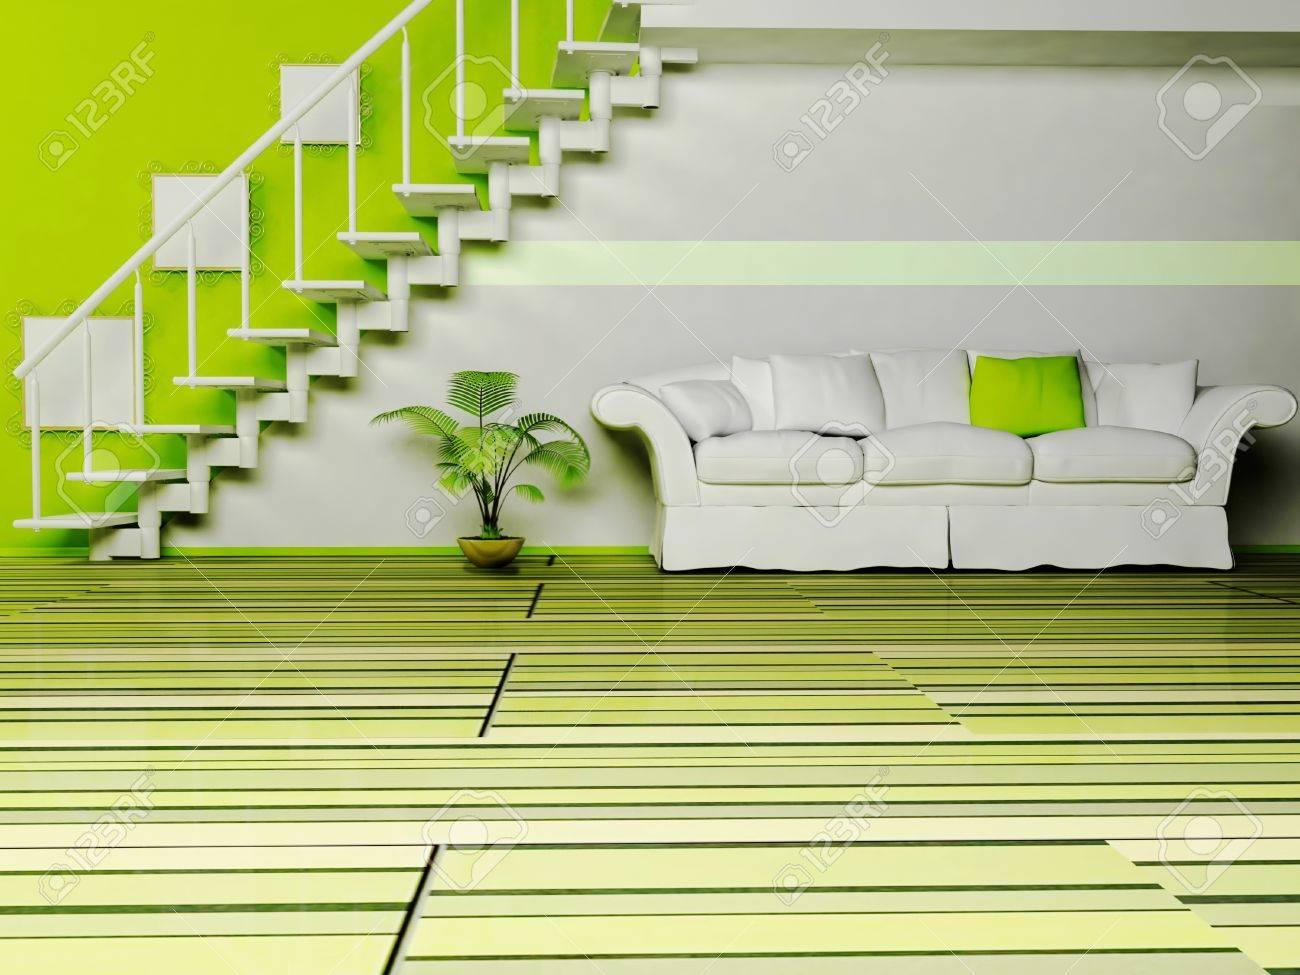 Moderne Innenarchitektur Wohnzimmer Mit Einem Schönen Sofa, Der ...